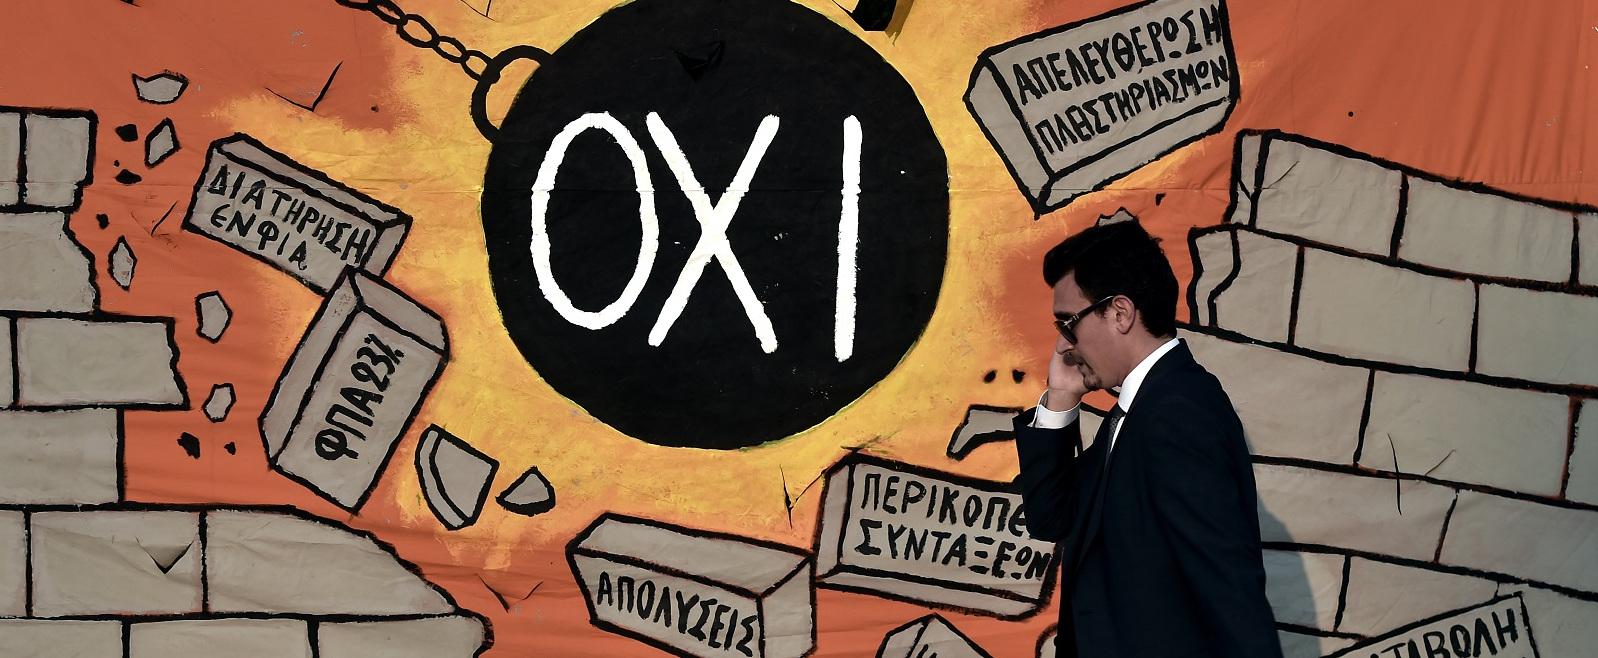 Αποτέλεσμα εικόνας για the conflict greece-eurogroup 2015